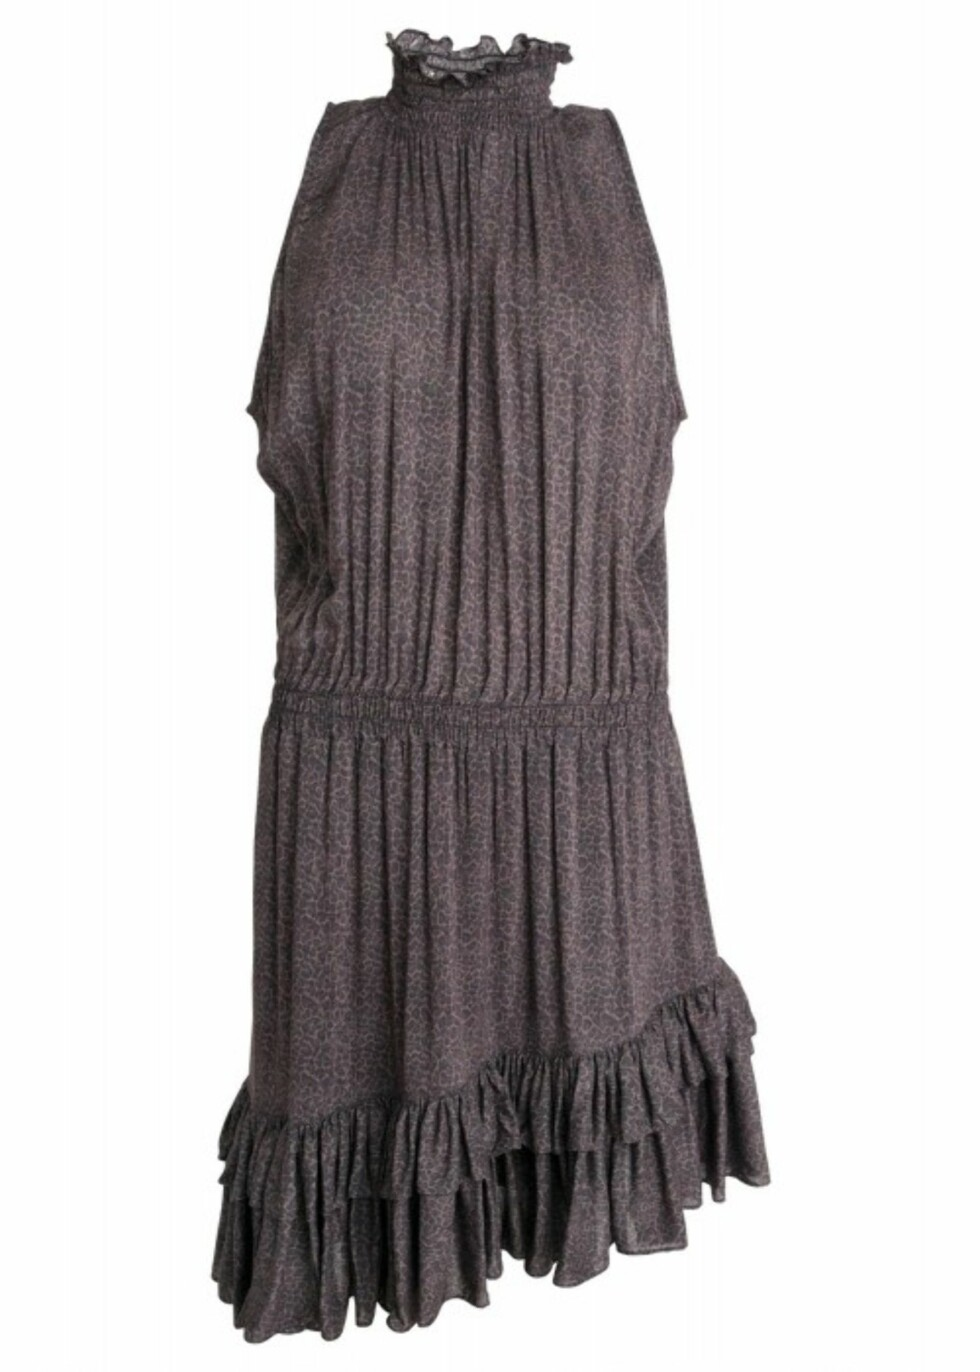 Kjole fra Designers Remix | kr 900 | https://www.designersremix.com/no/rion-smock-dress-51070.html?